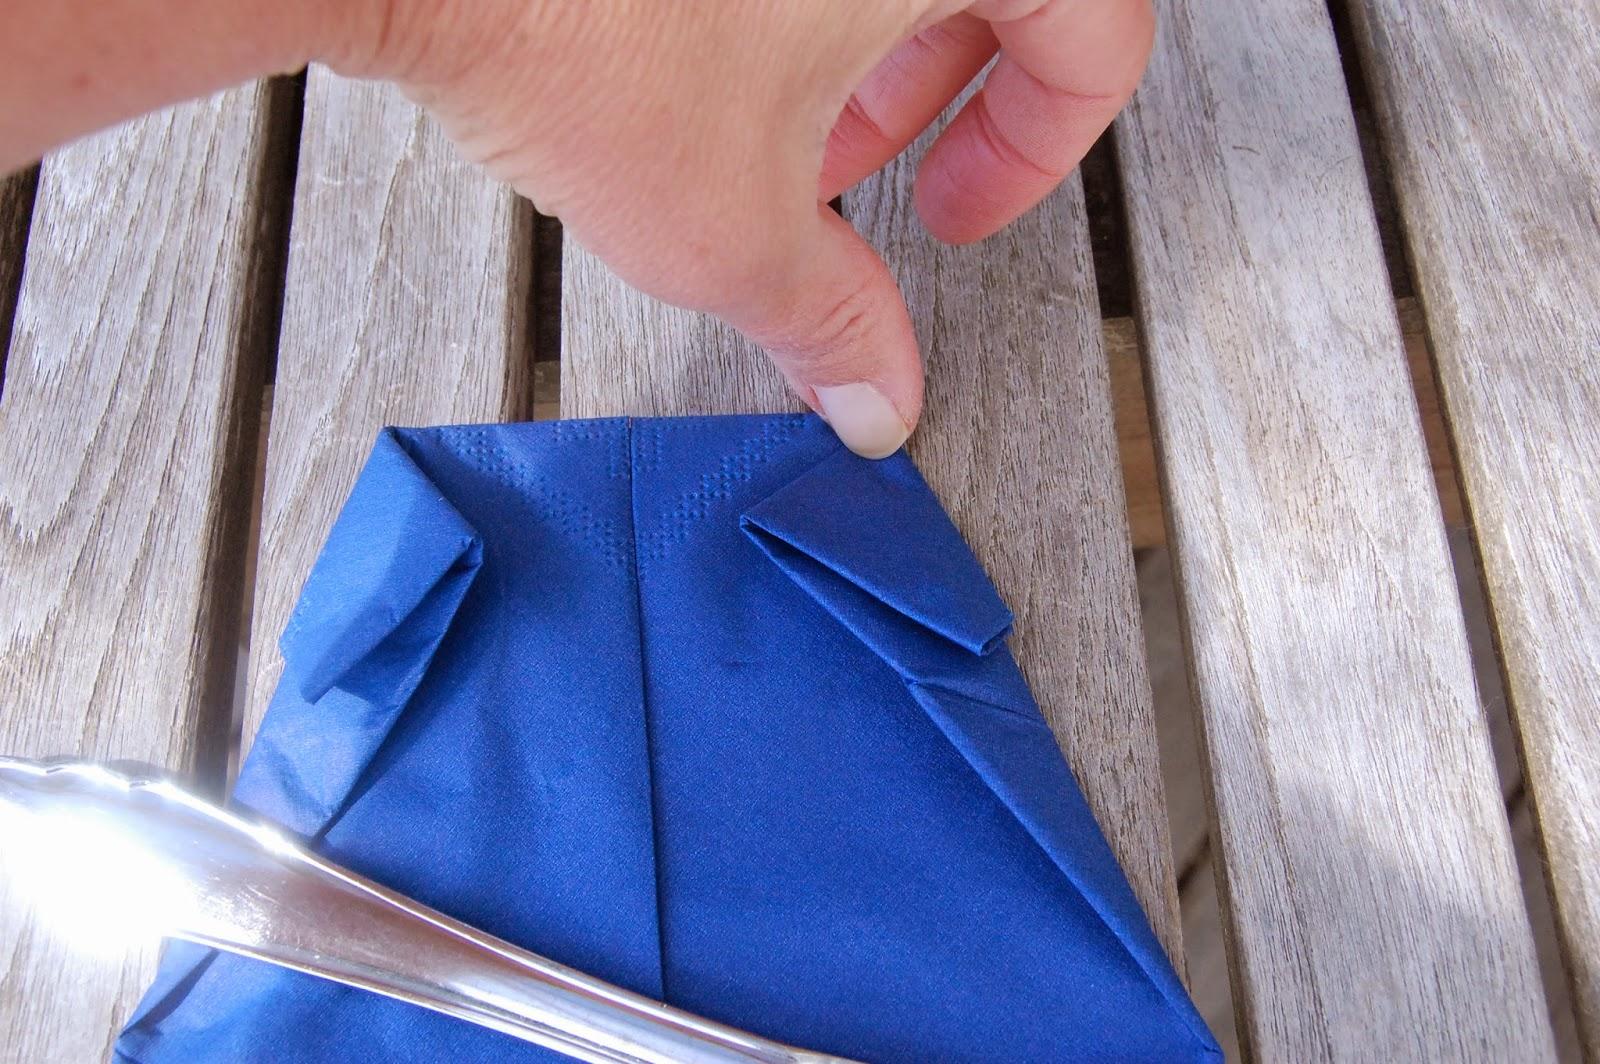 serviettbretting skjorte med slips